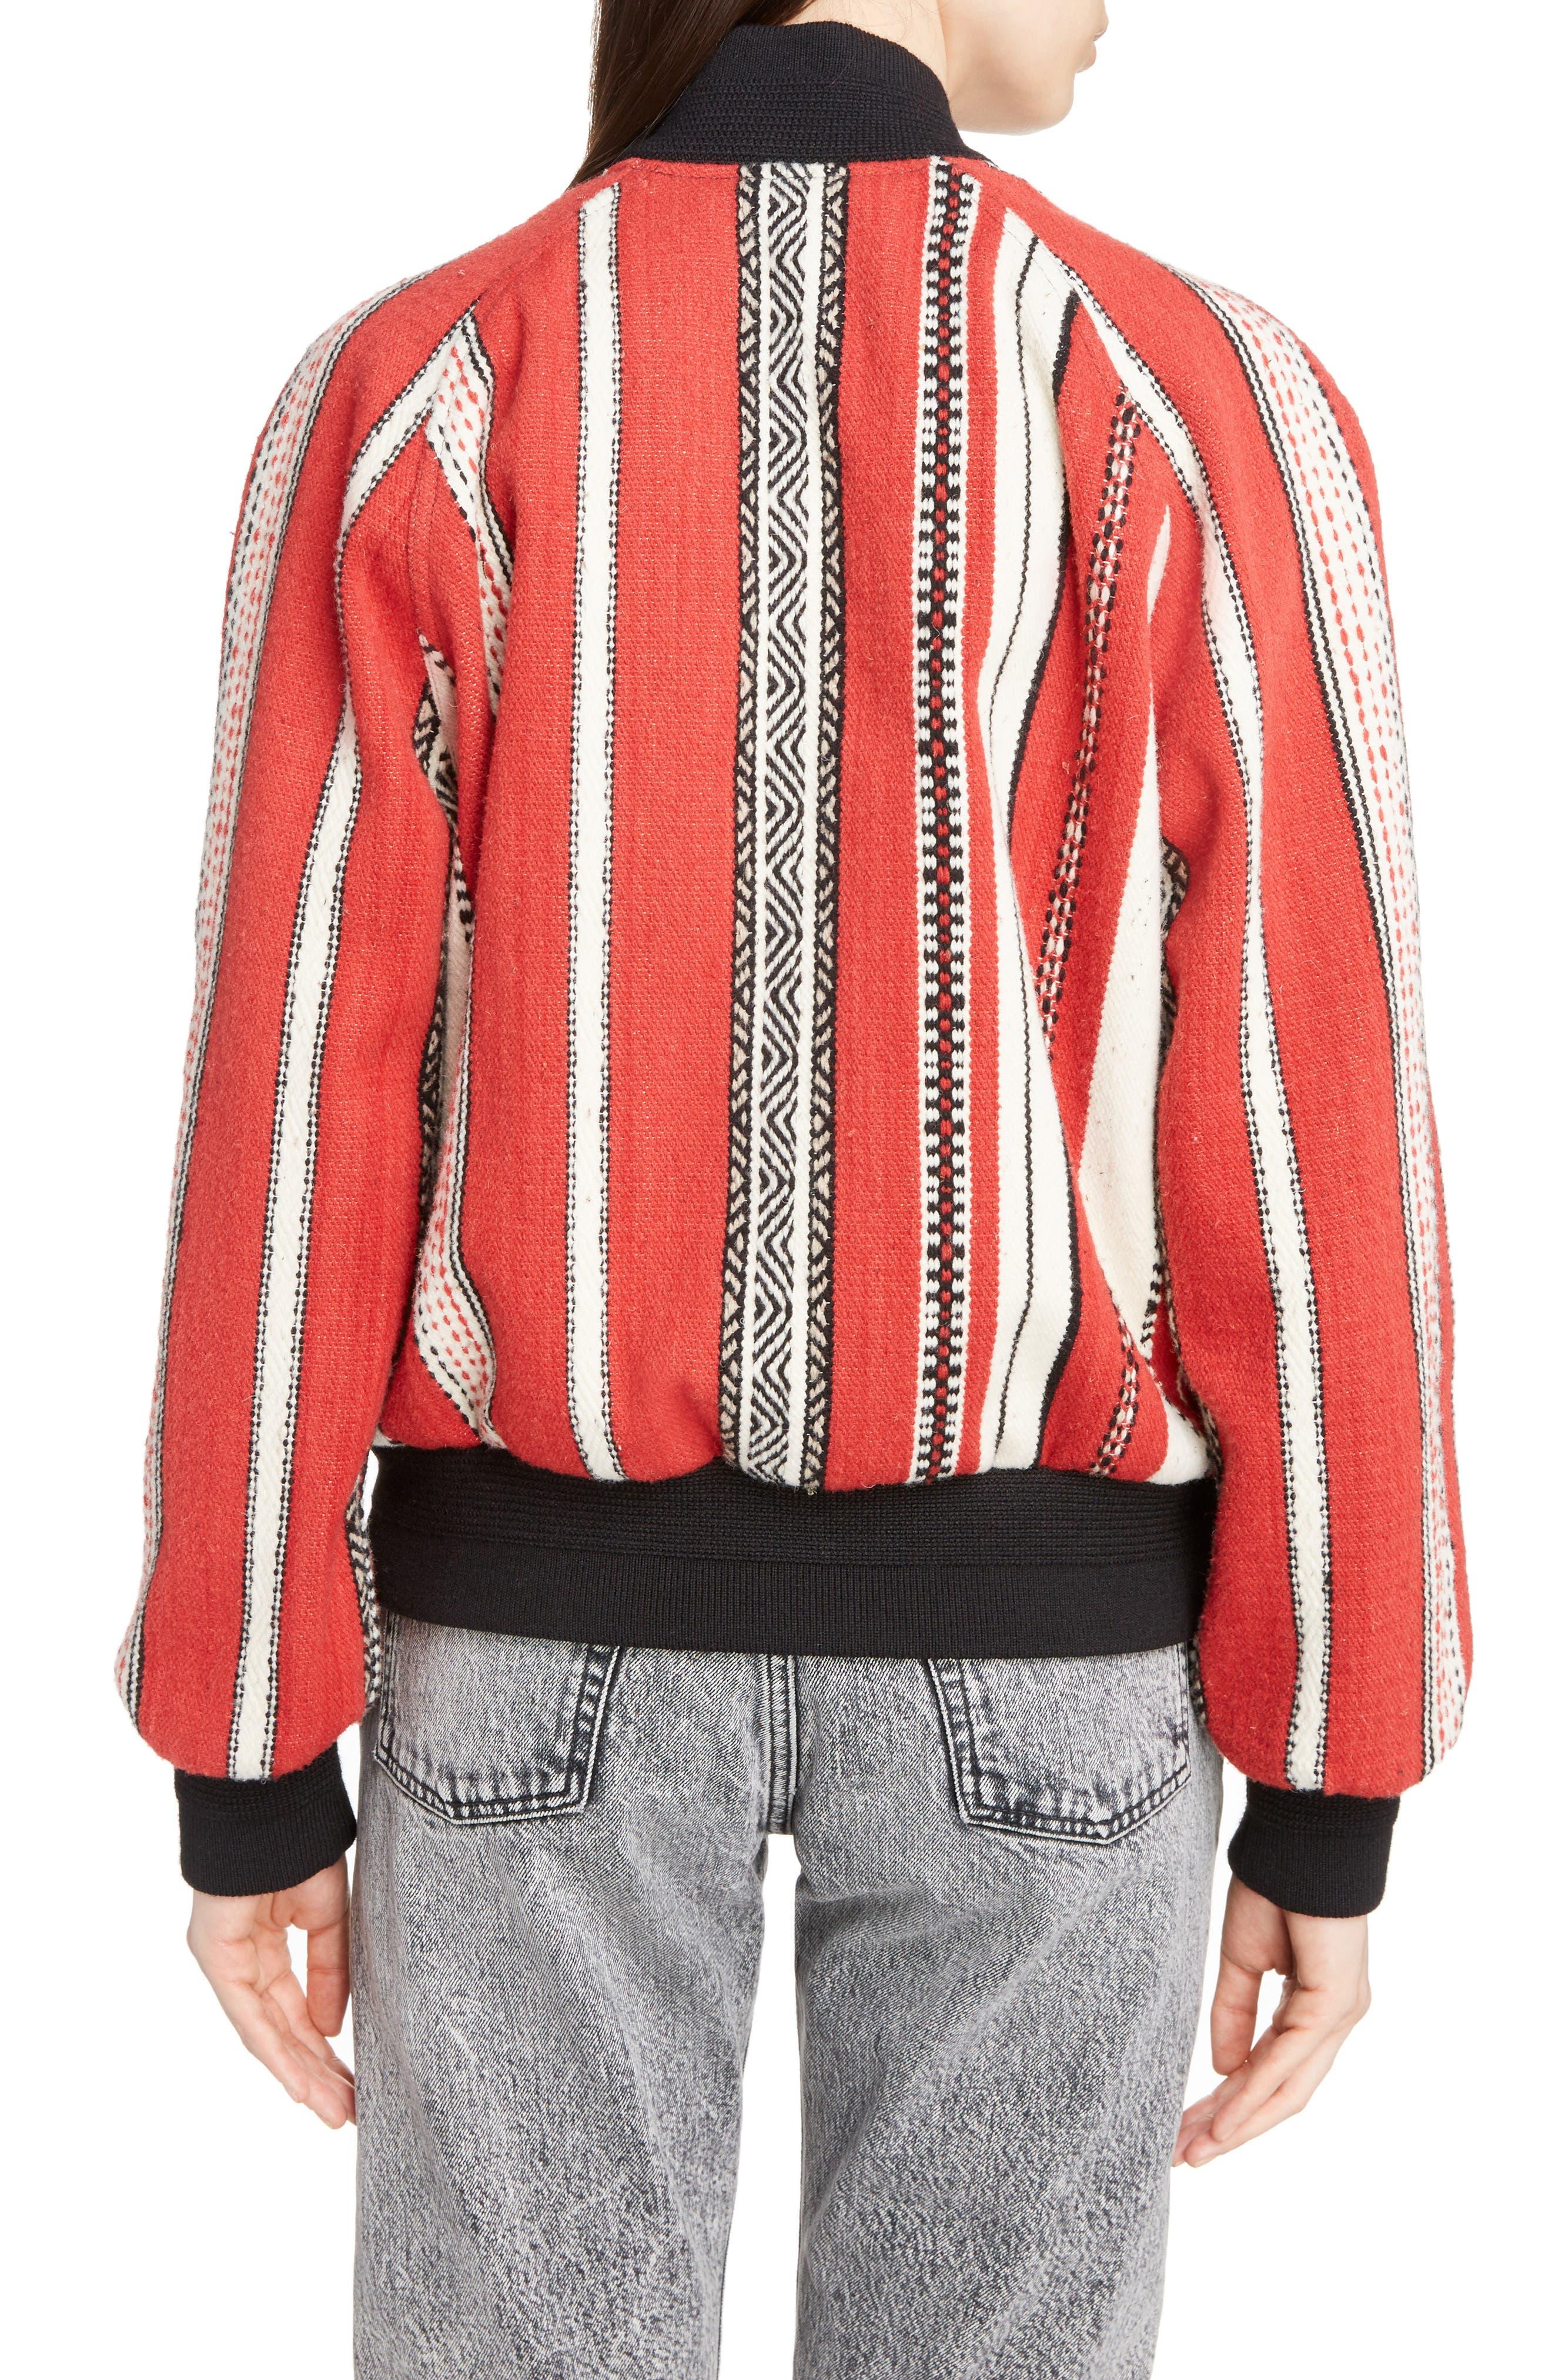 Tapestry Wool Blend Teddy Jacket,                             Alternate thumbnail 2, color,                             Rouge Craie Noir